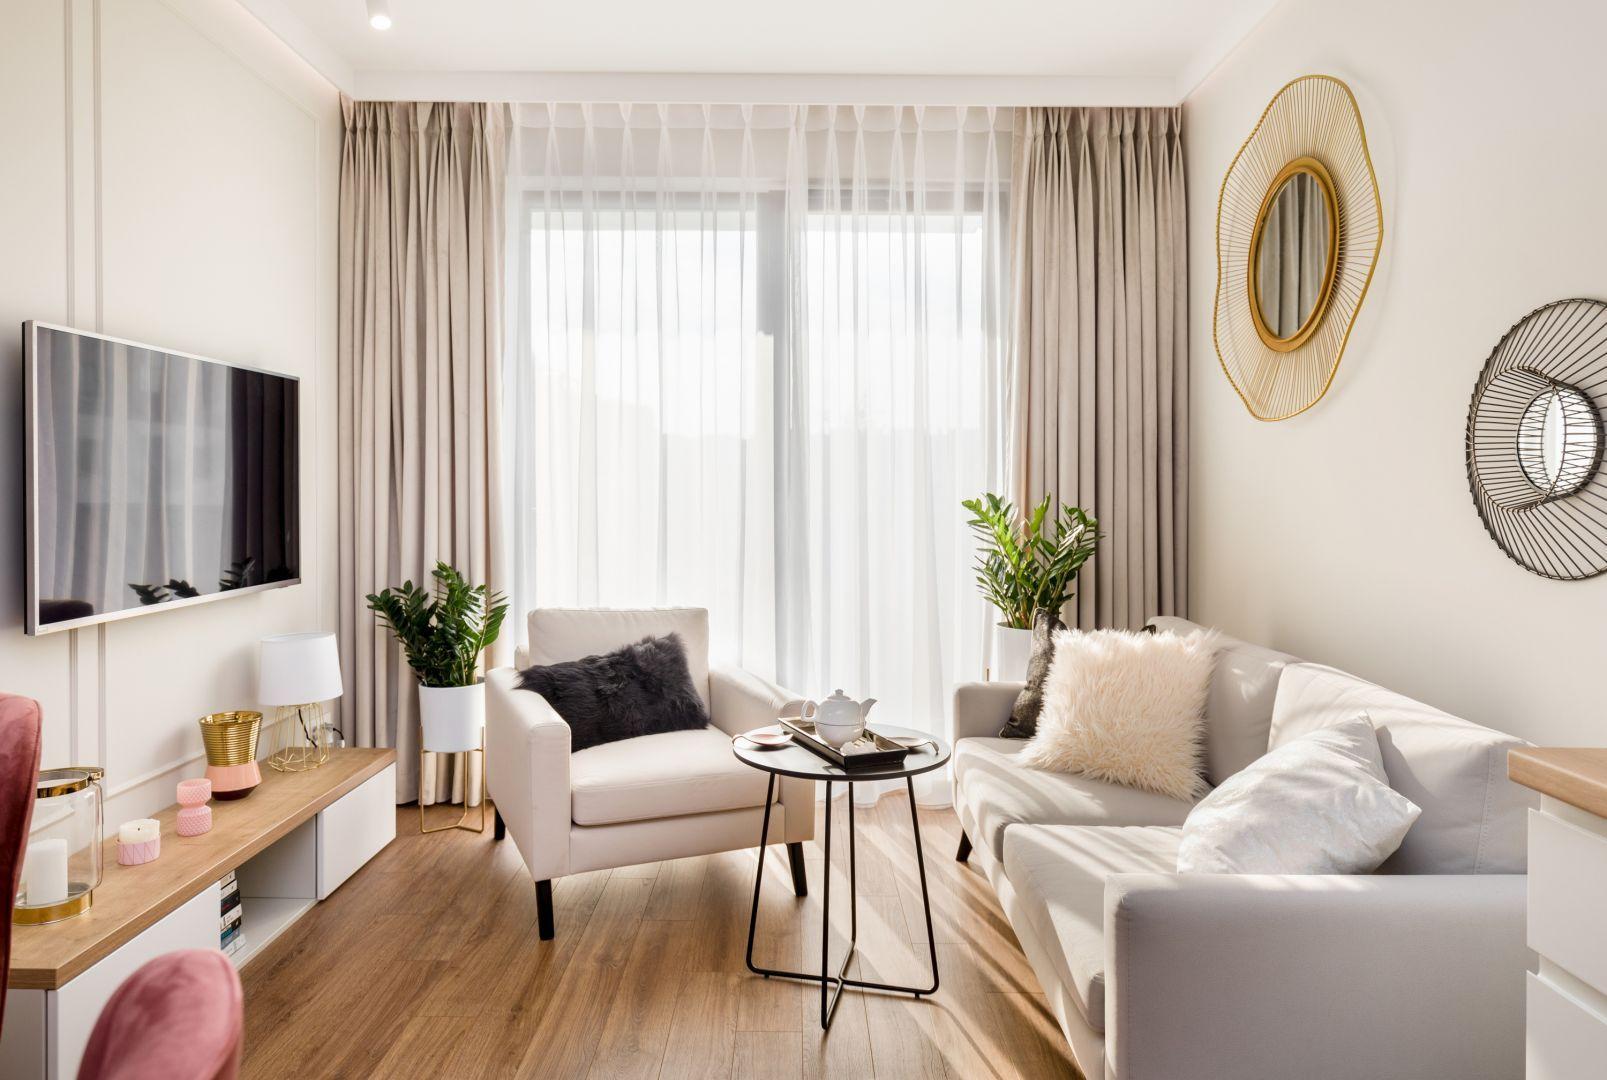 Mały salon w bloku, w którym jasne, ciepłe kolory i stylowe meble budują przytulny klimat. Projekt: Joanna Nawrocka. Fot. Łukasz Bera, Lukaszbera.pl.